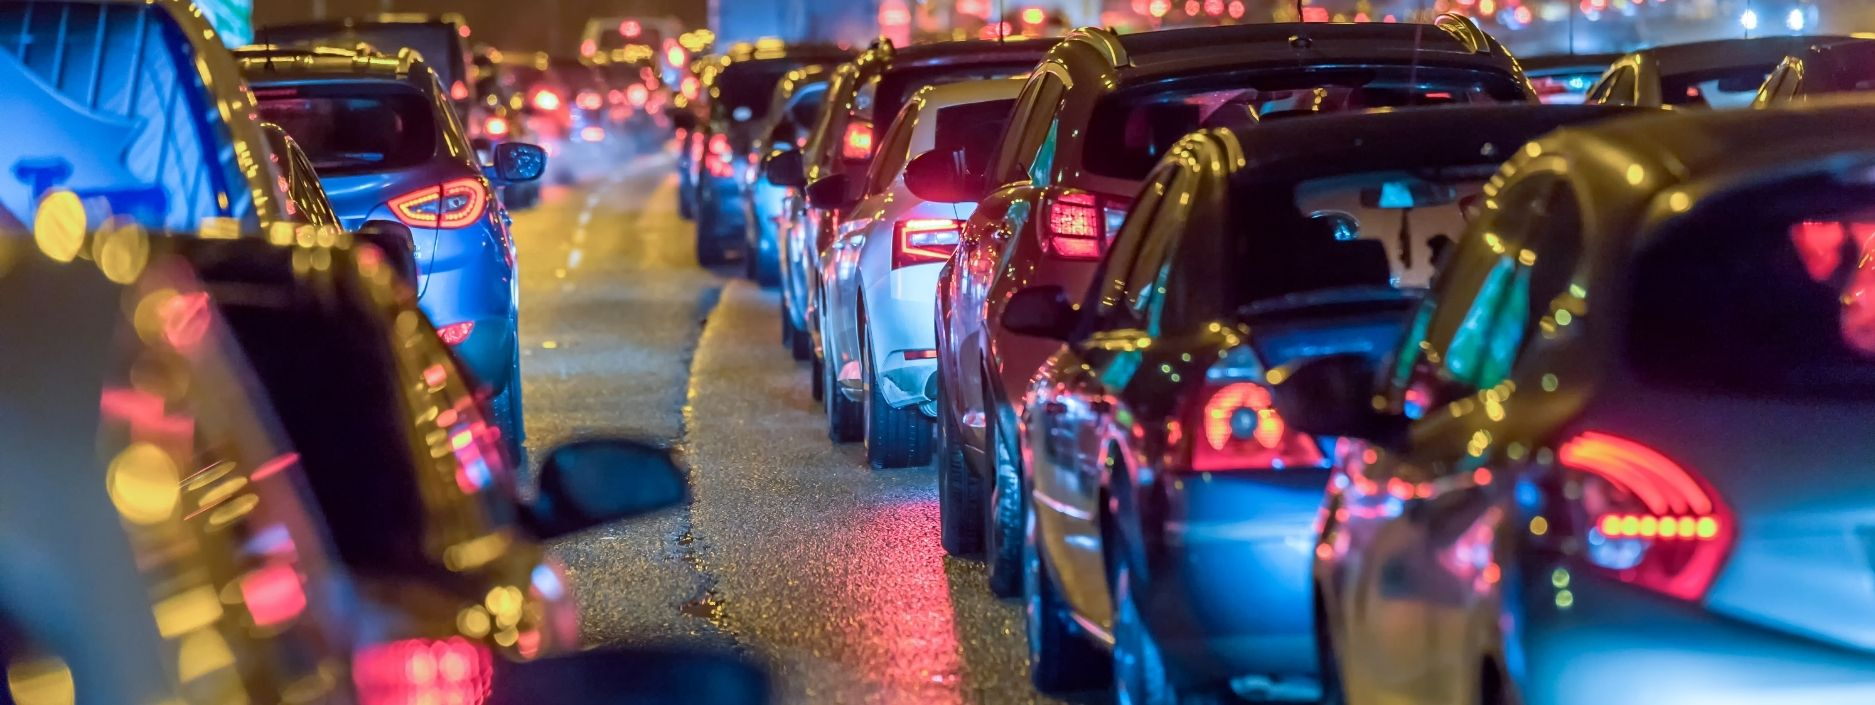 UK Cars at night